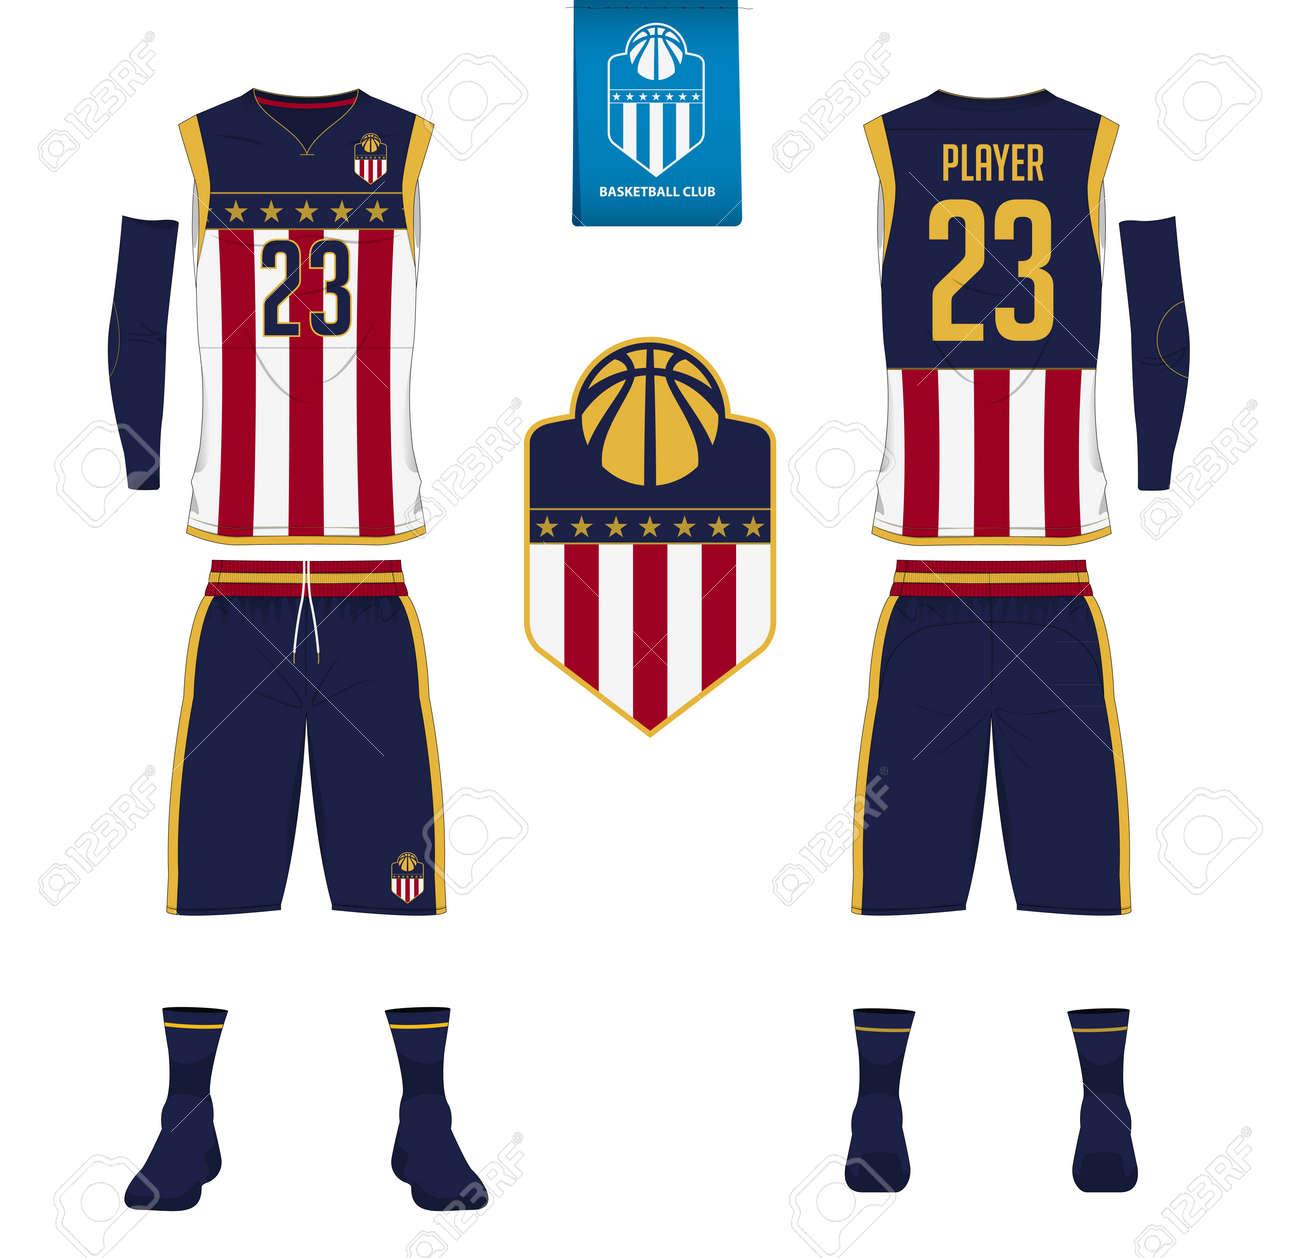 f59458c0f212 Maillot de basket-ball, short, chaussette modèle pour club de basketball.  Avant